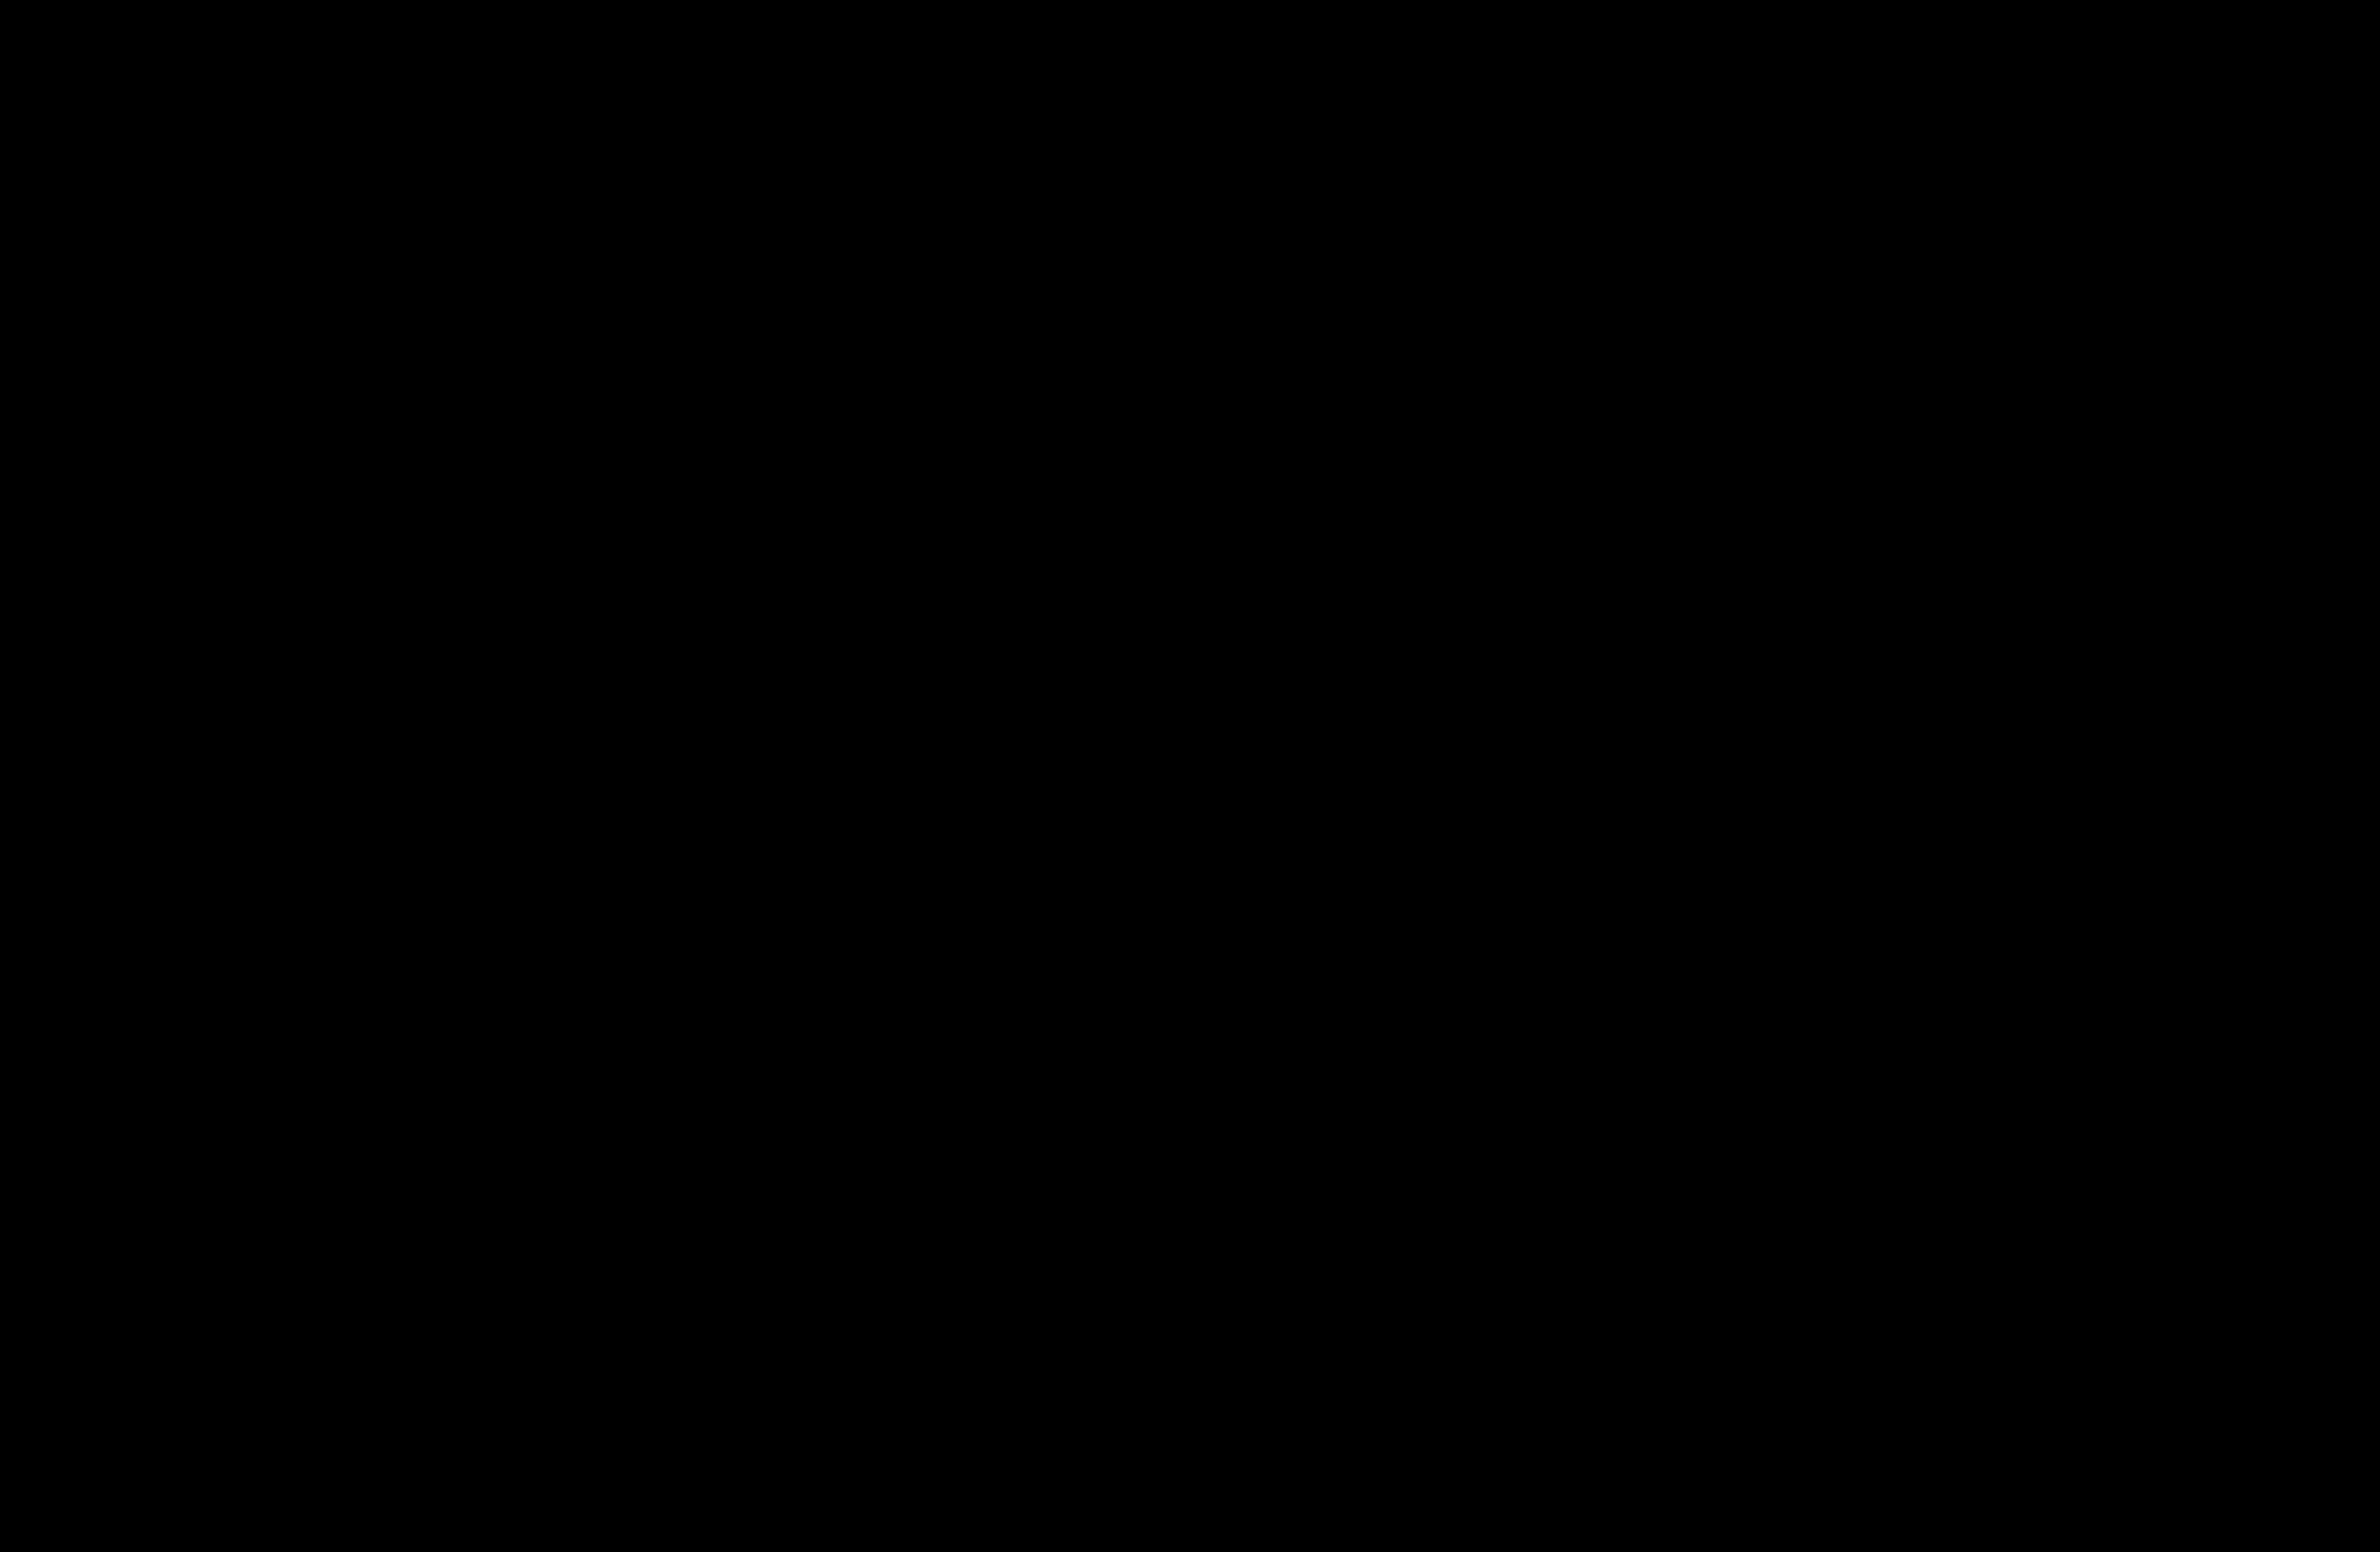 O.novo Waschtisch, Handwaschbecken, Waschtische / Waschbecken